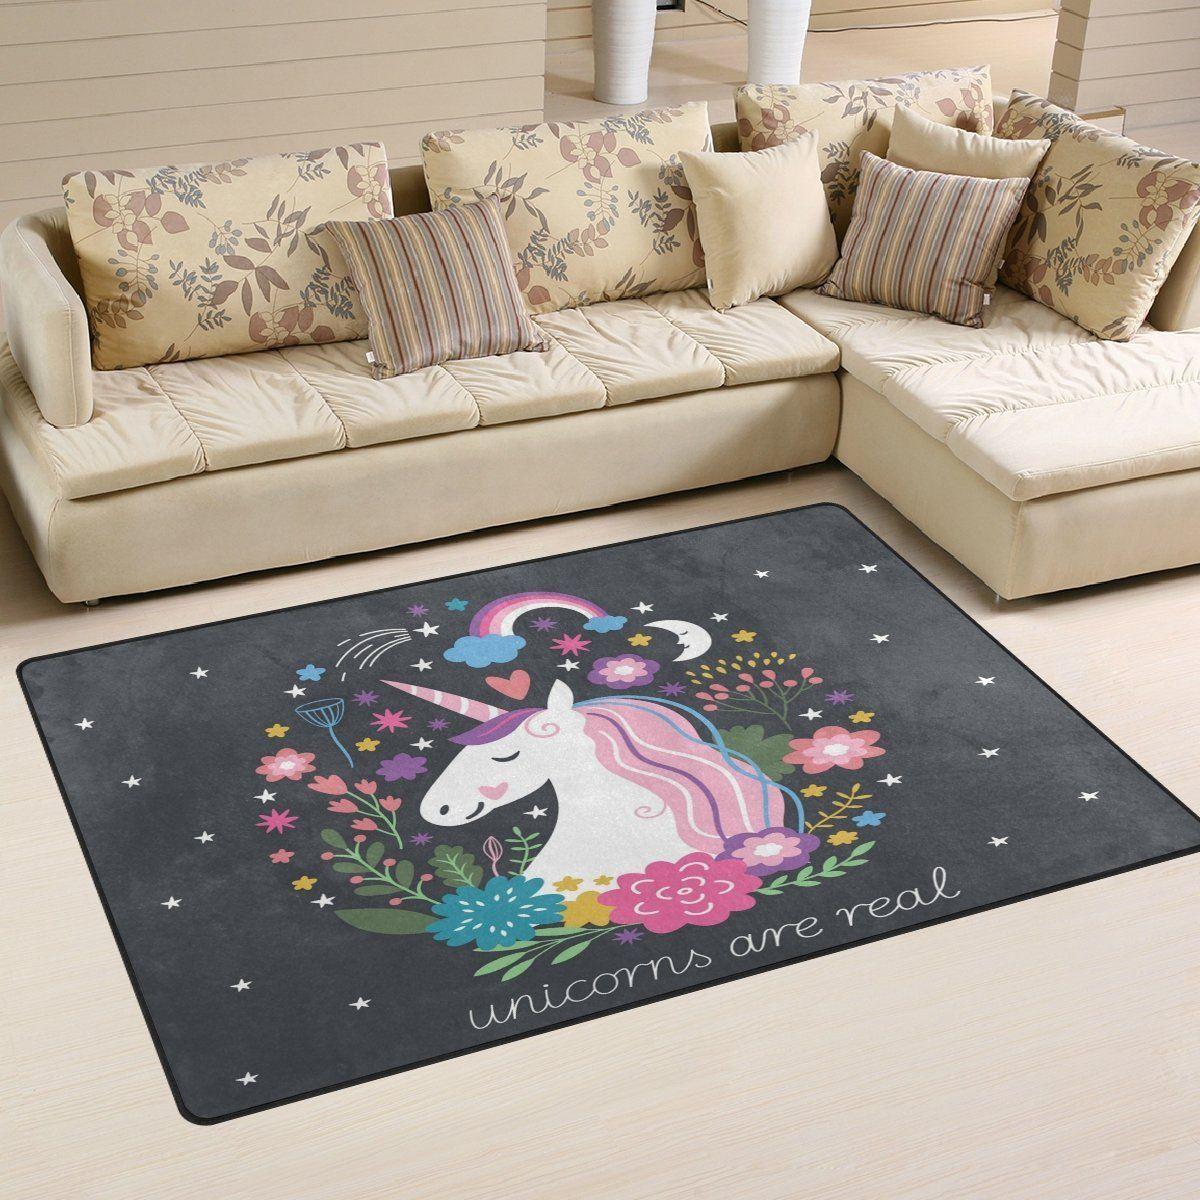 Unicorn Einhorn Teppich Schwarz Einhorn Teppich